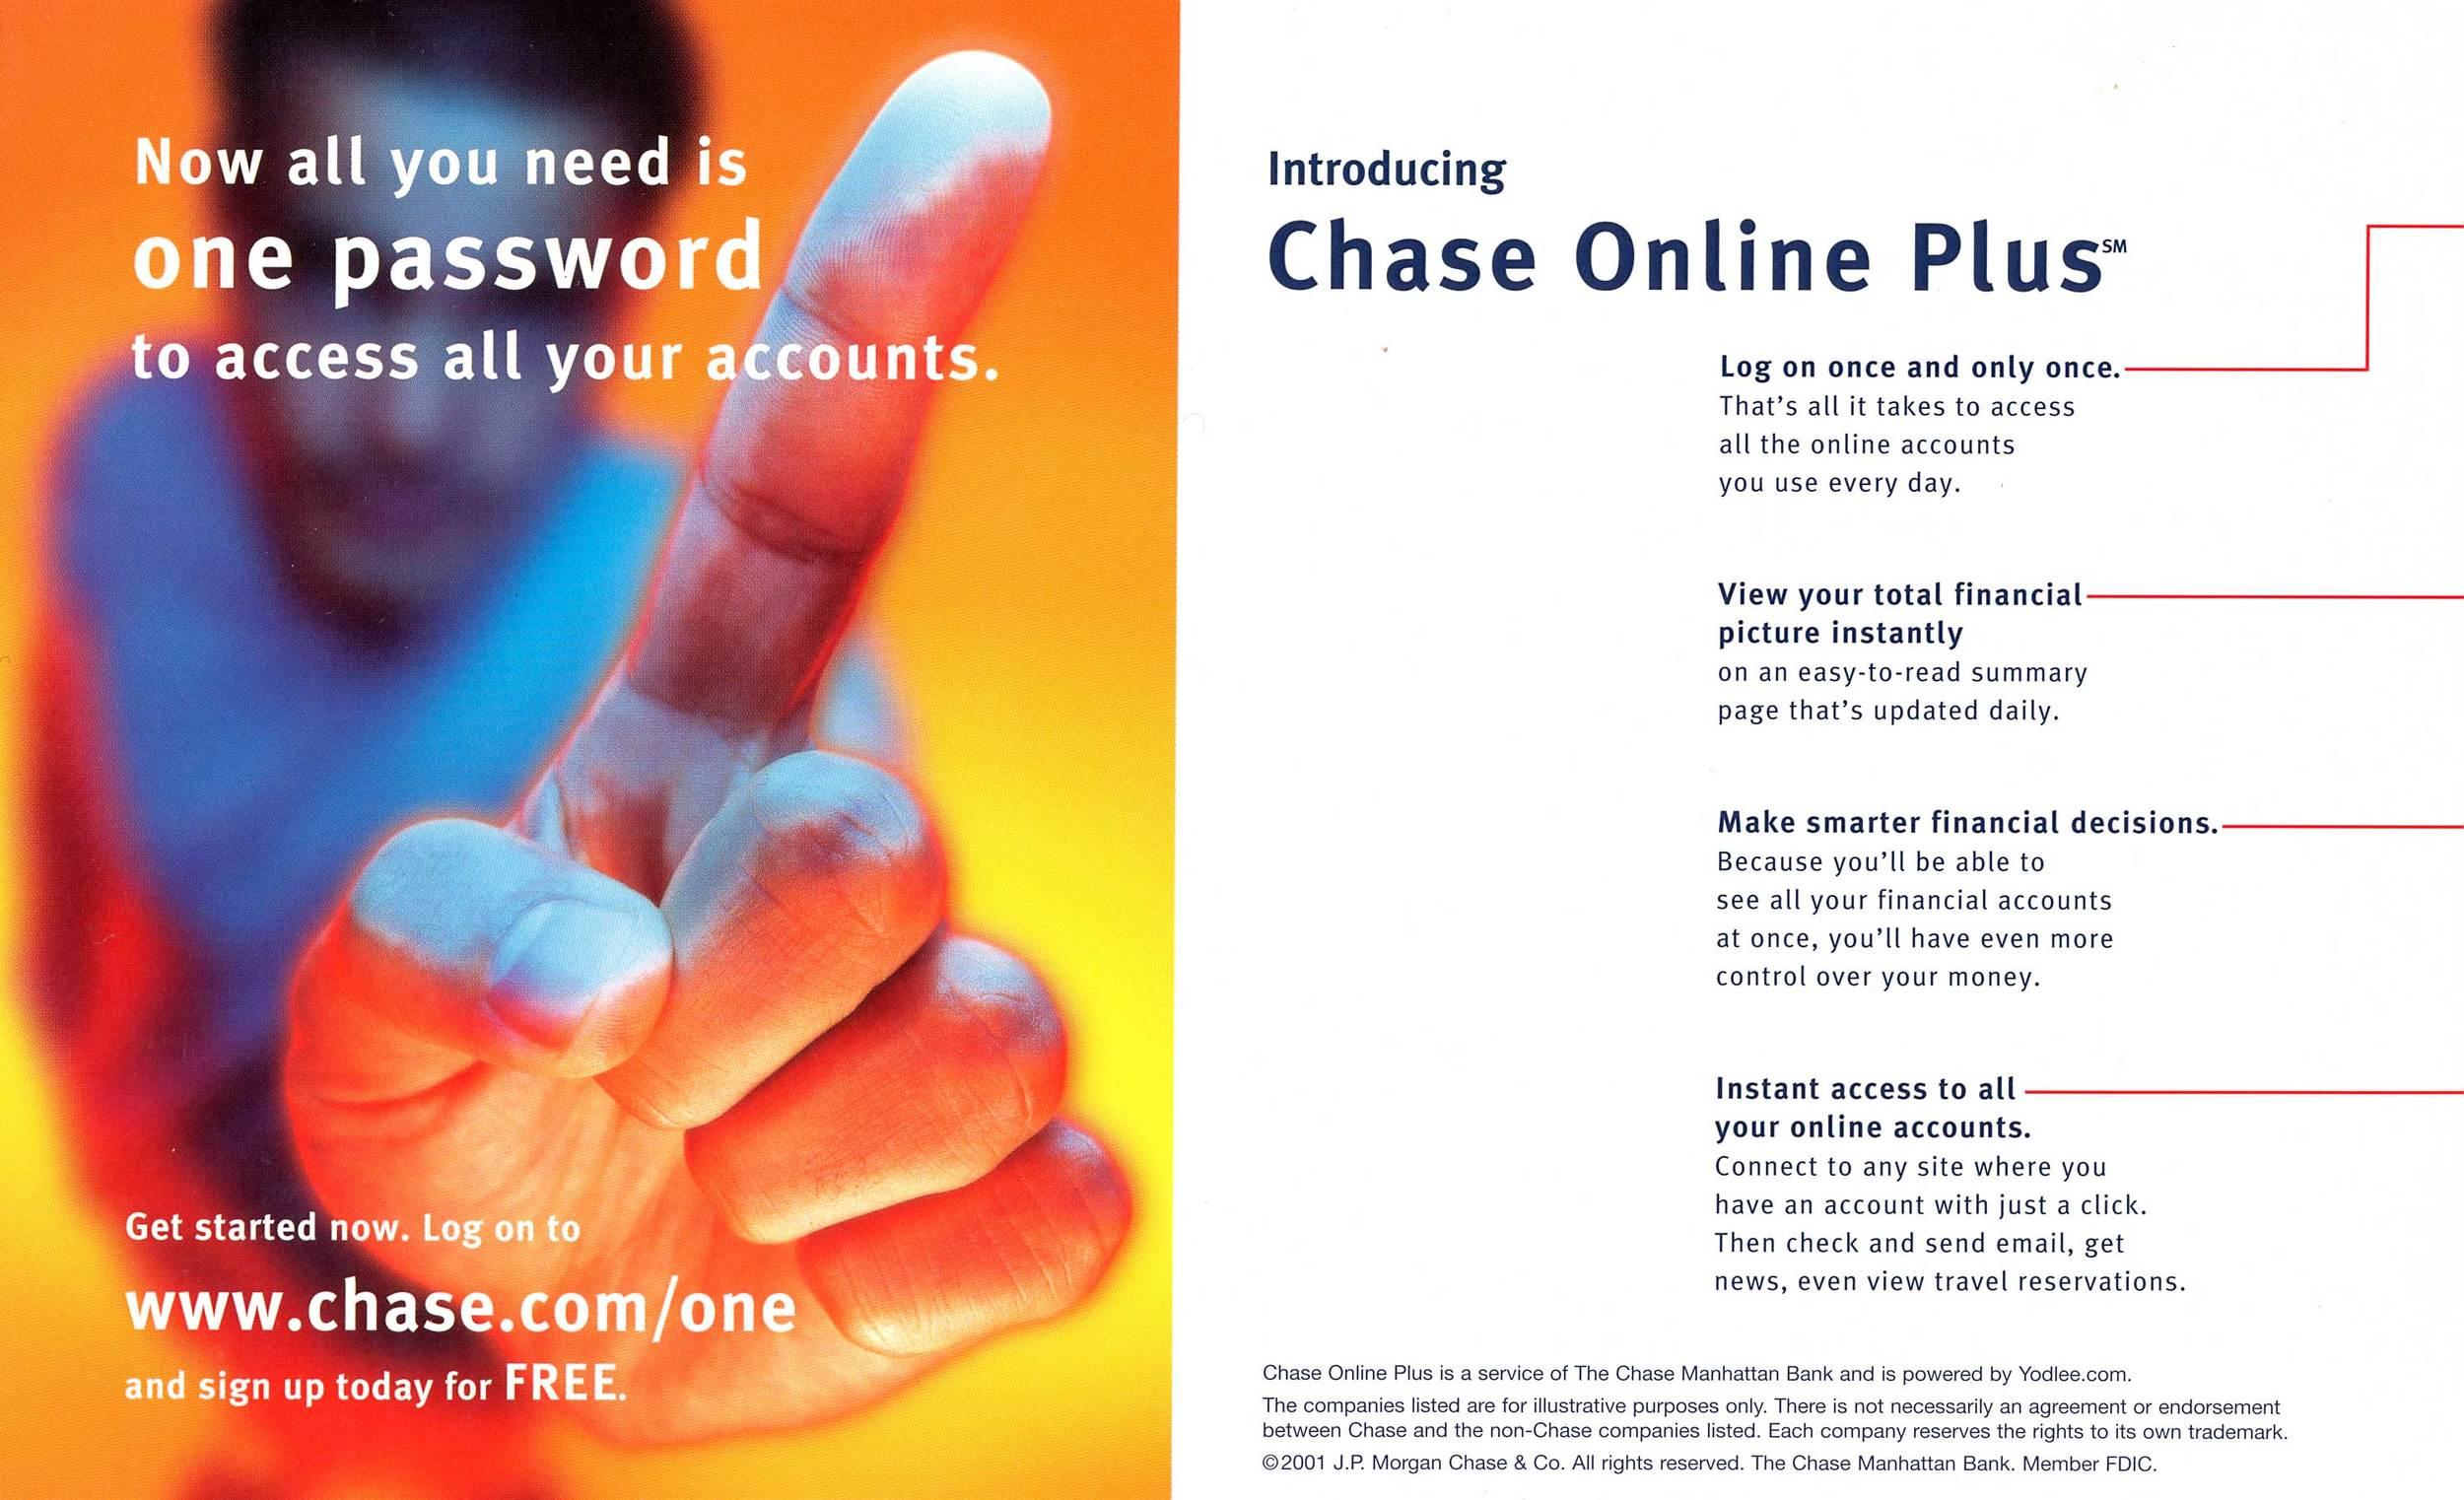 ChaseOnlinePlus_DM_Back.jpg